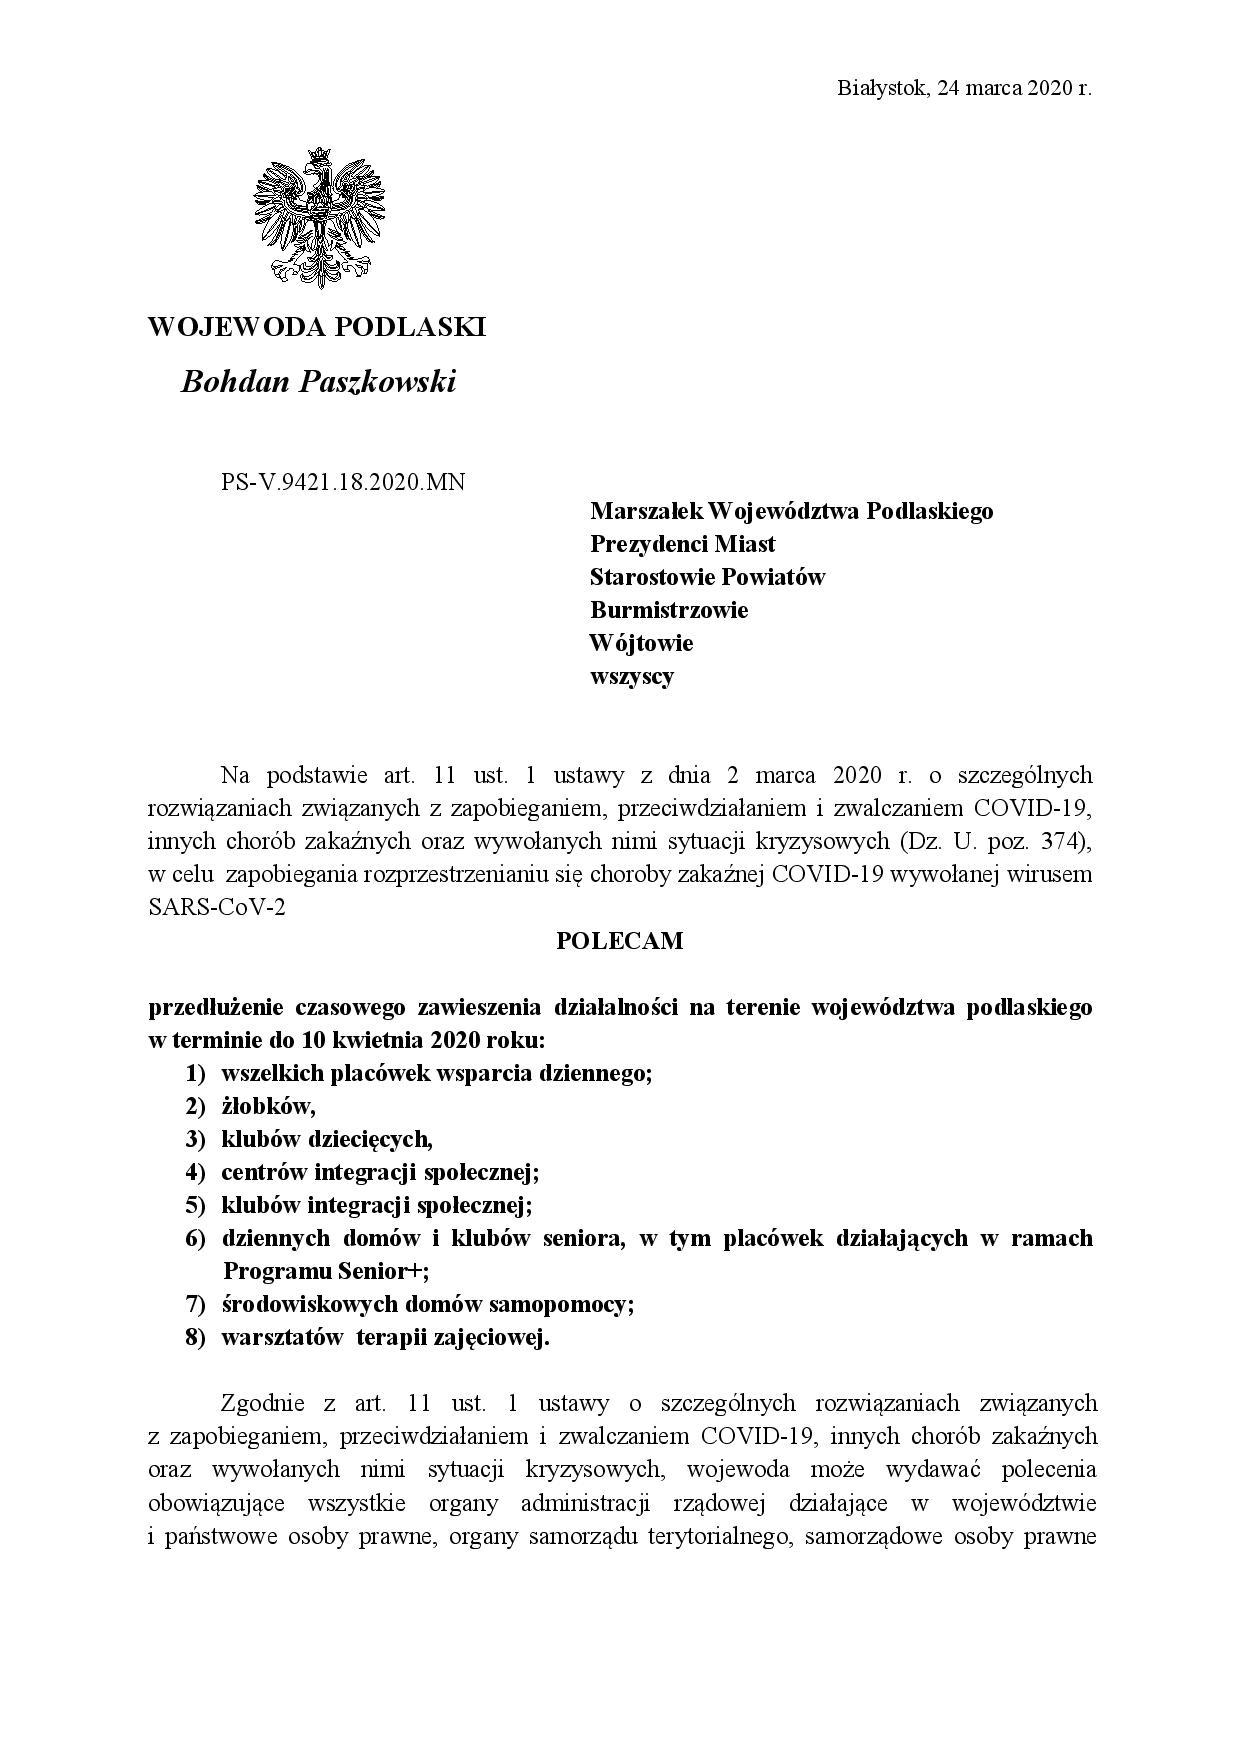 Polecenie Wojewody Podlaskiego z-24.03.2020-page-001